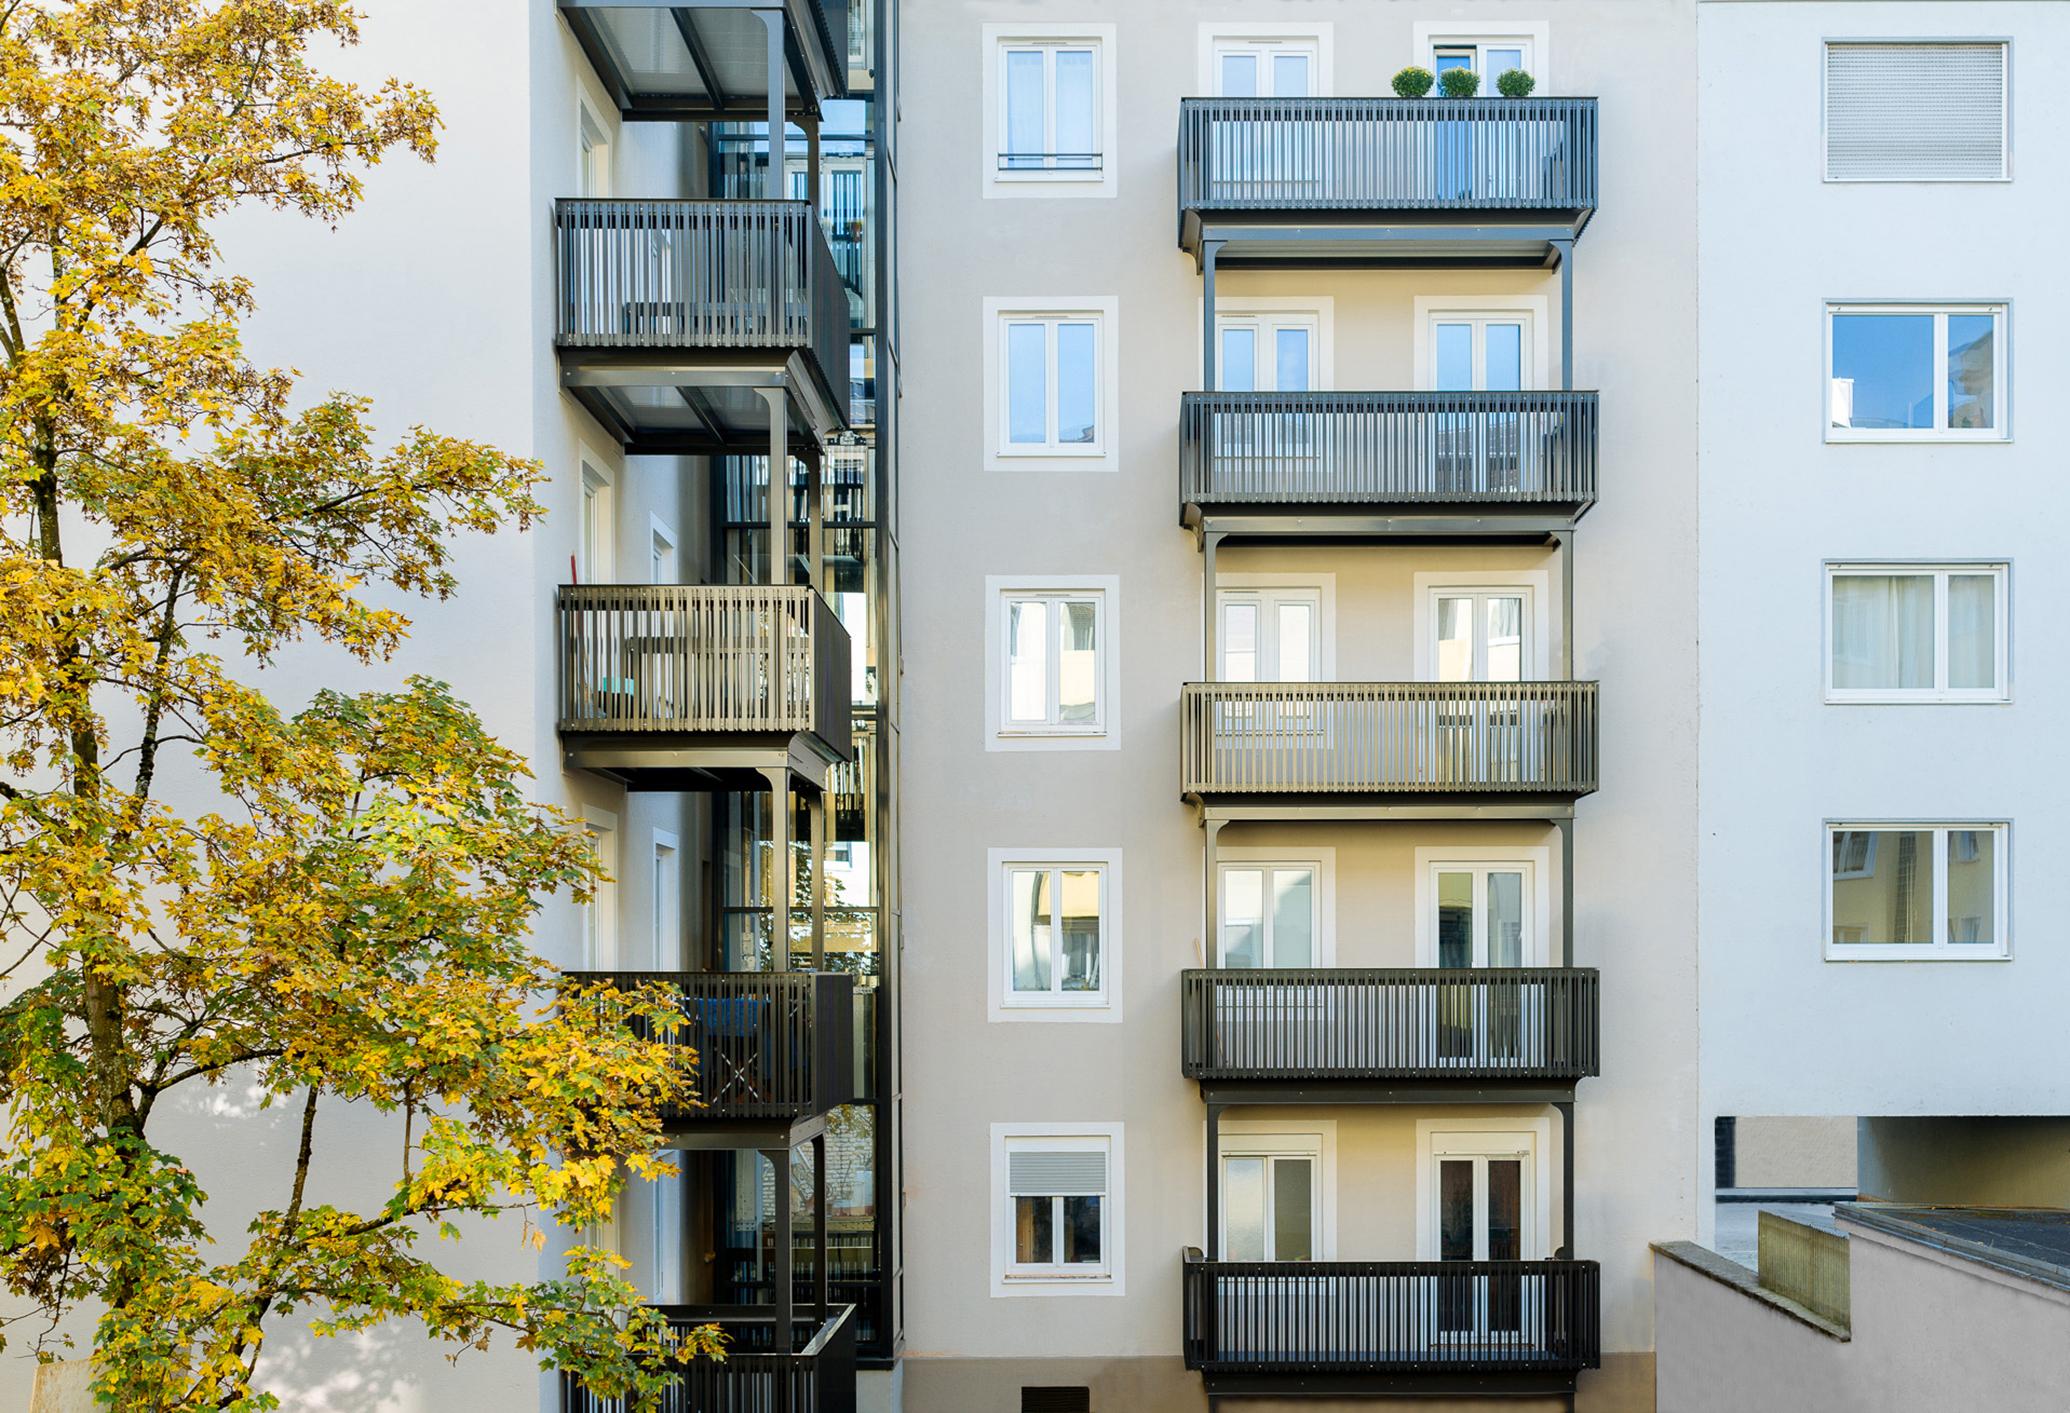 24 Balkone in München